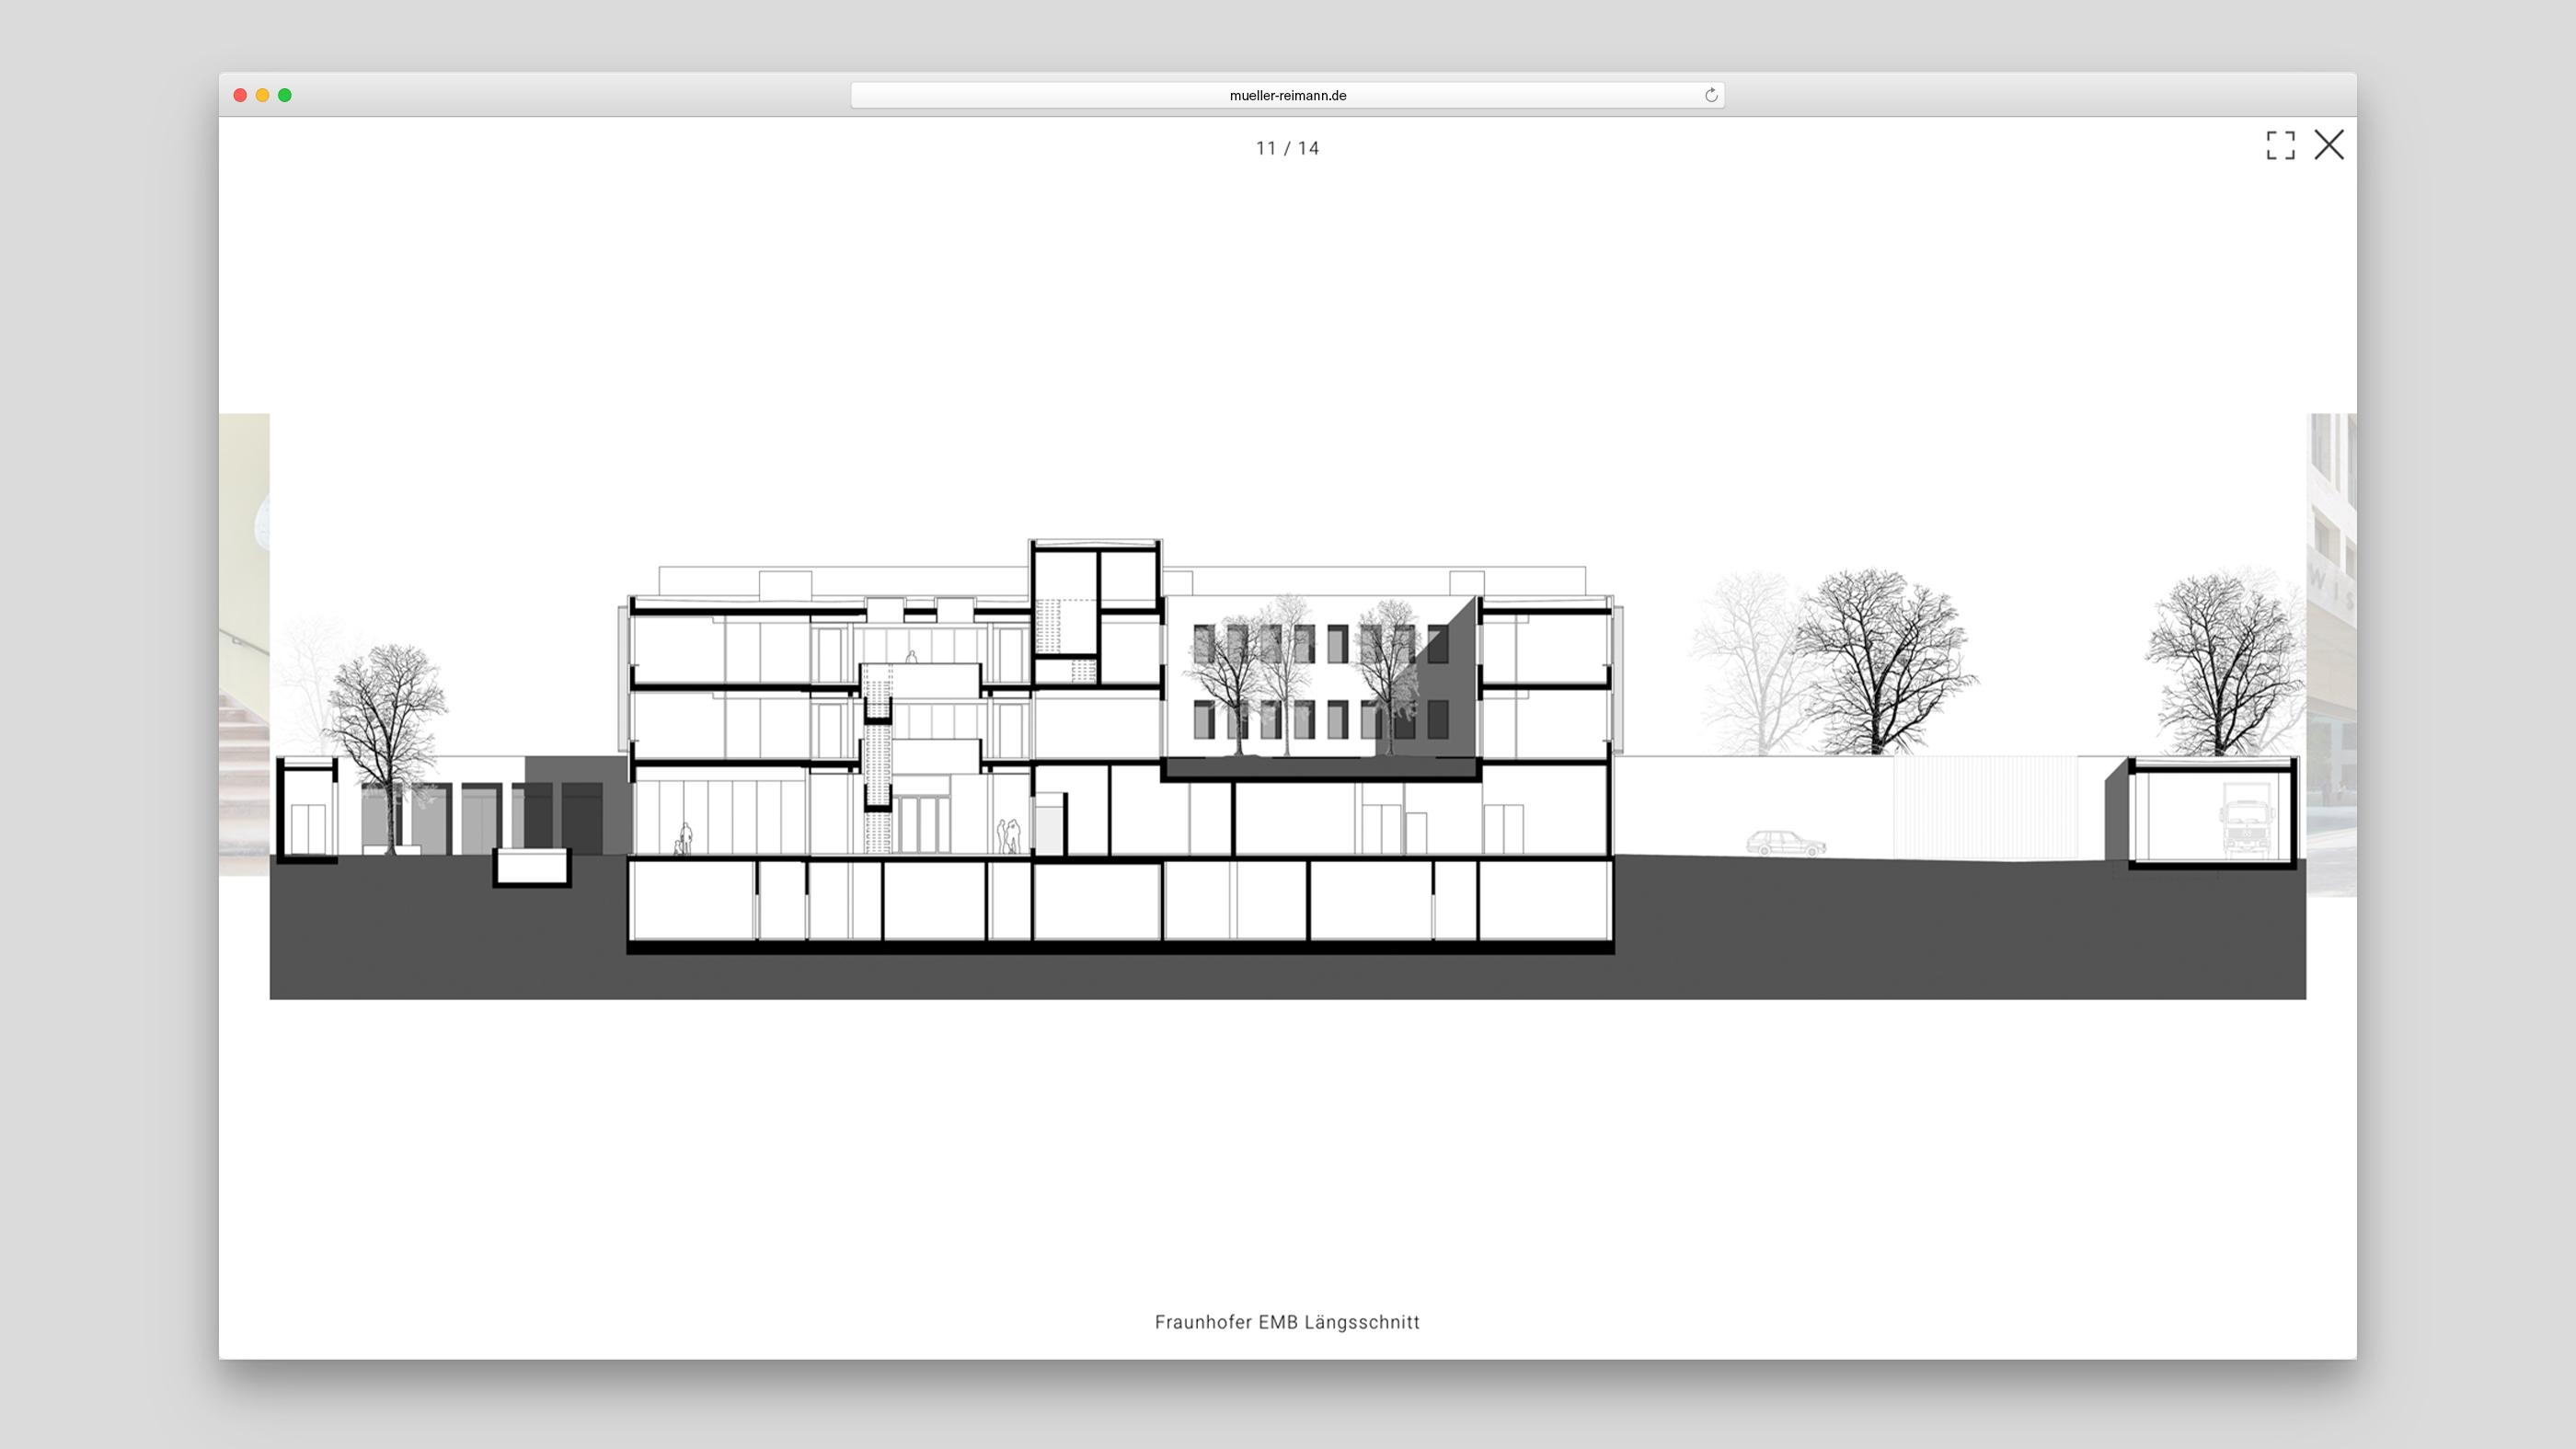 Architekturzeichnung der Frauenhofer Einrichtung Marine Biotechnologie